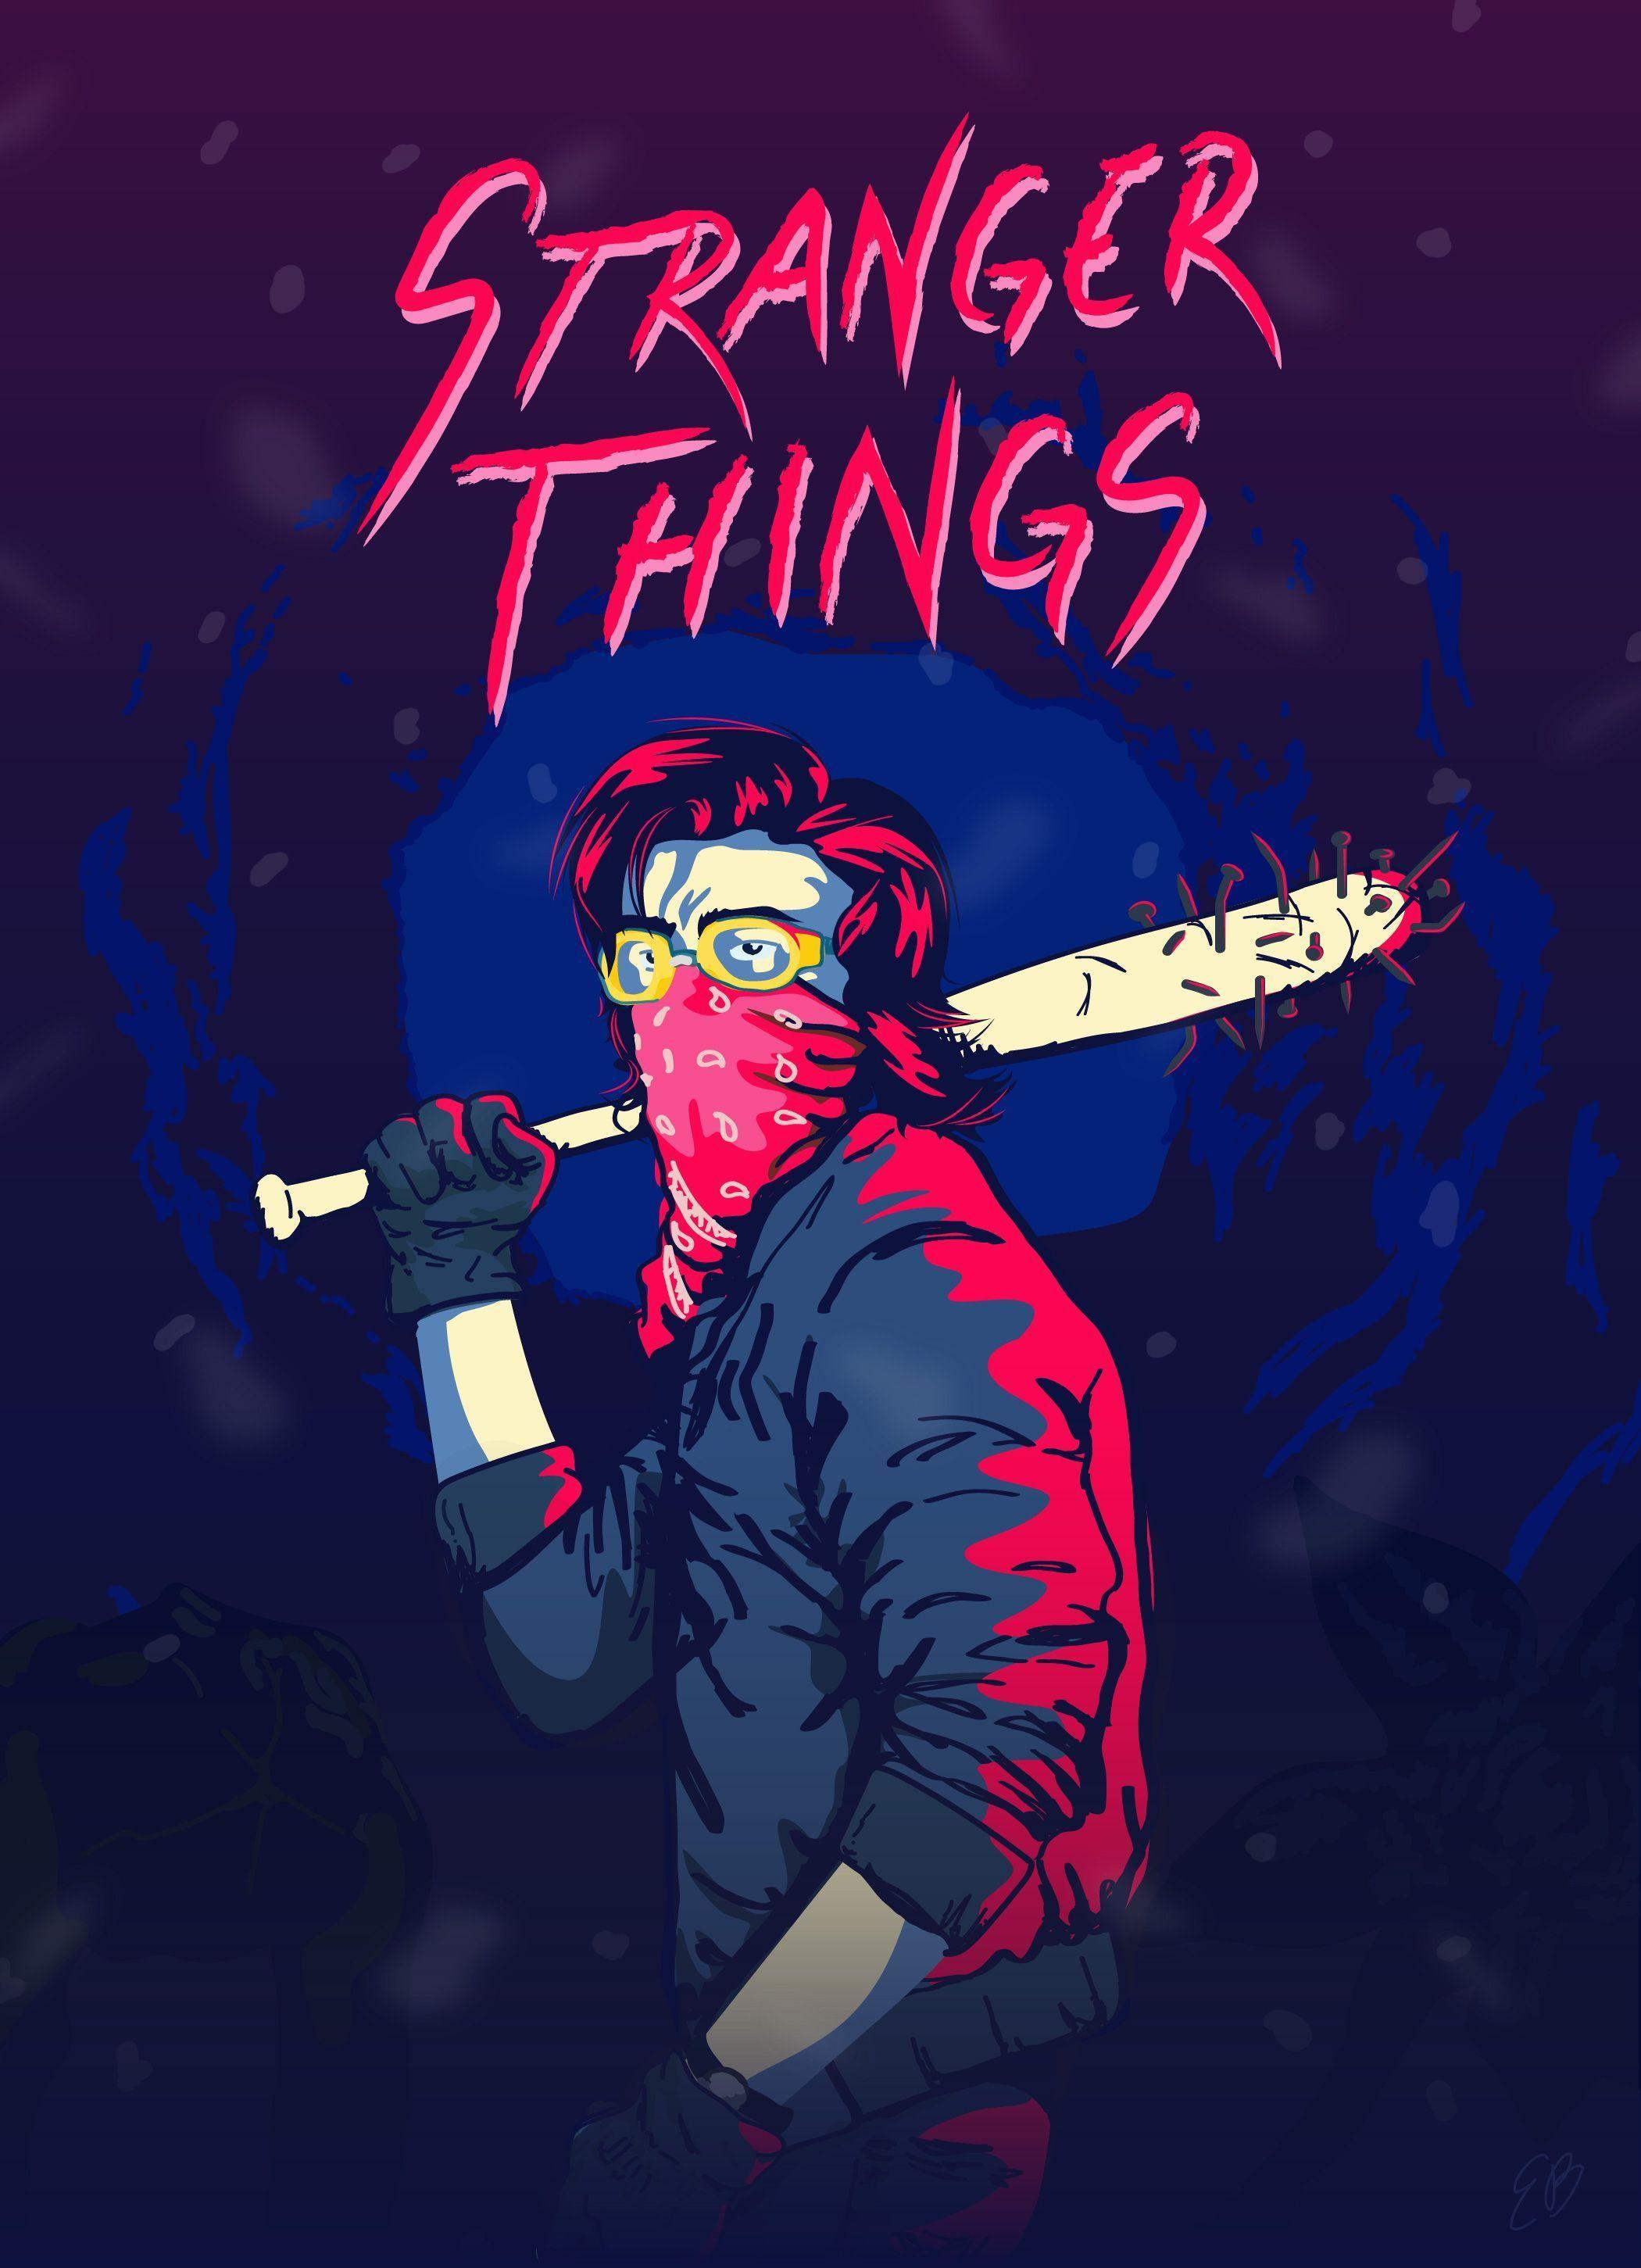 Stranger Things Wallpapers Top Free Stranger Things